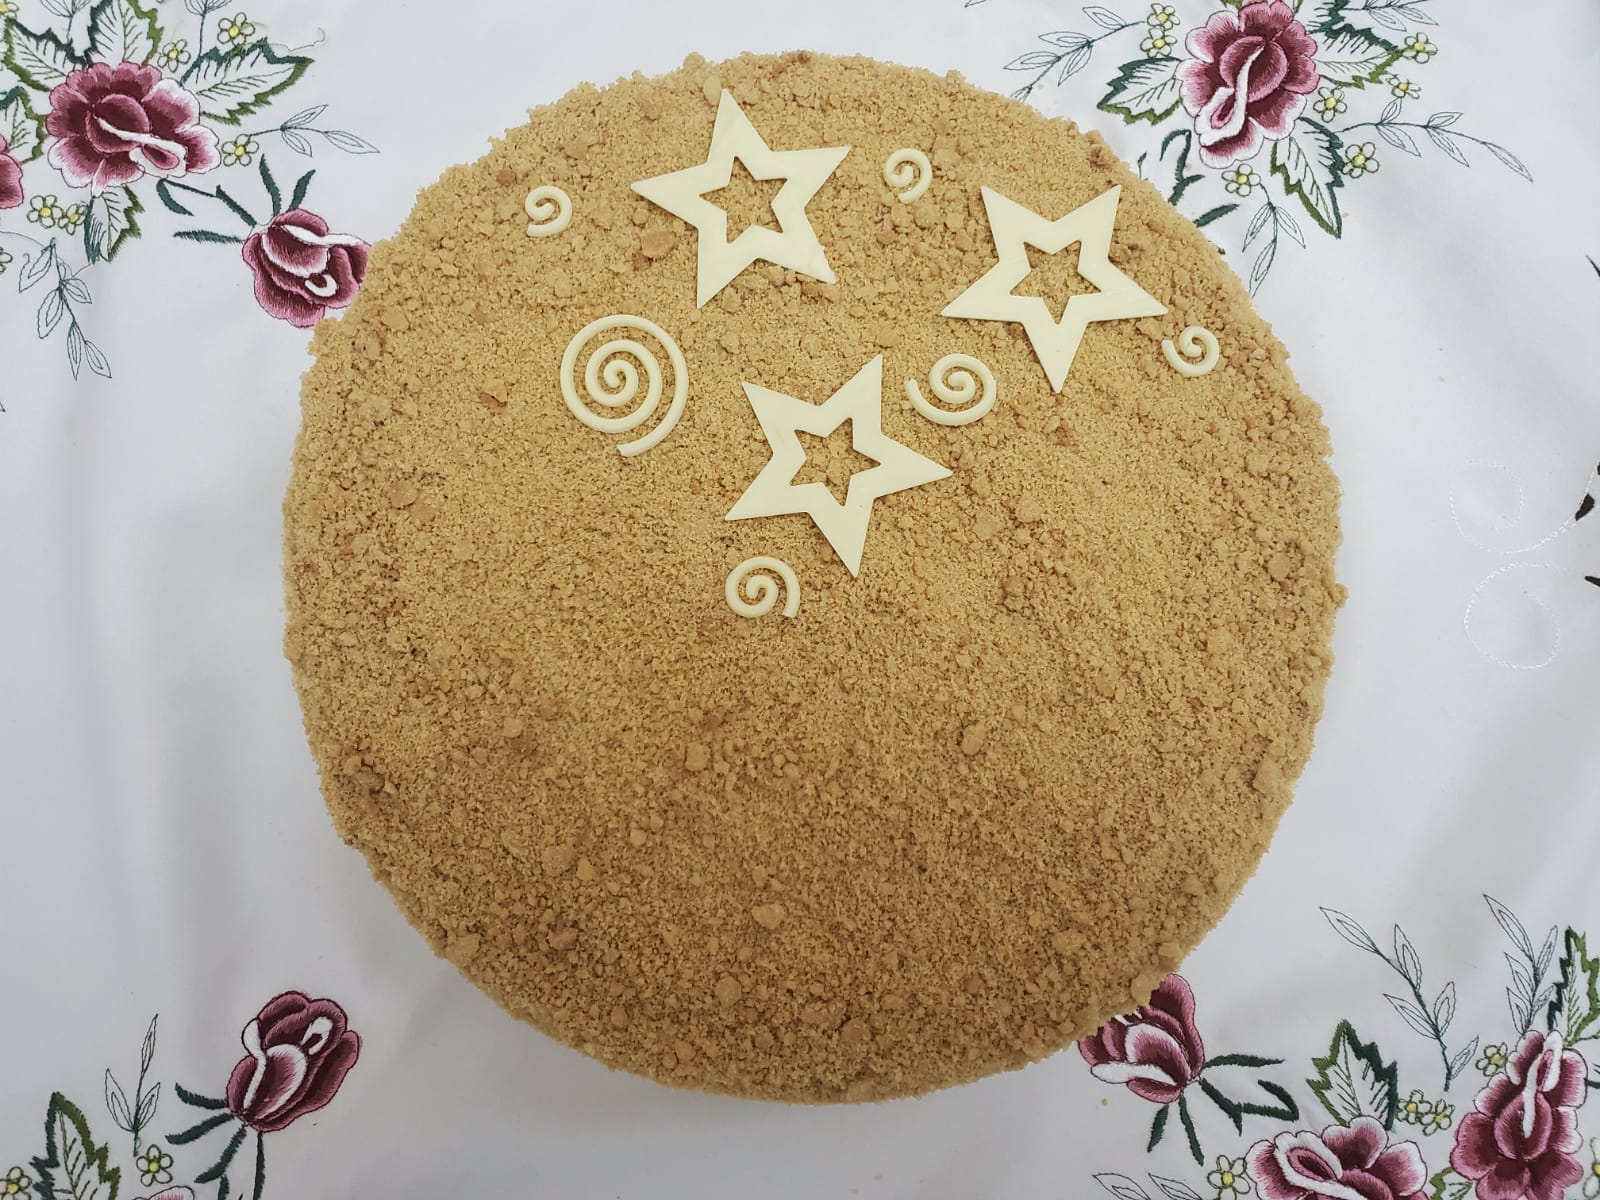 עוגת מוס גבינה זברה